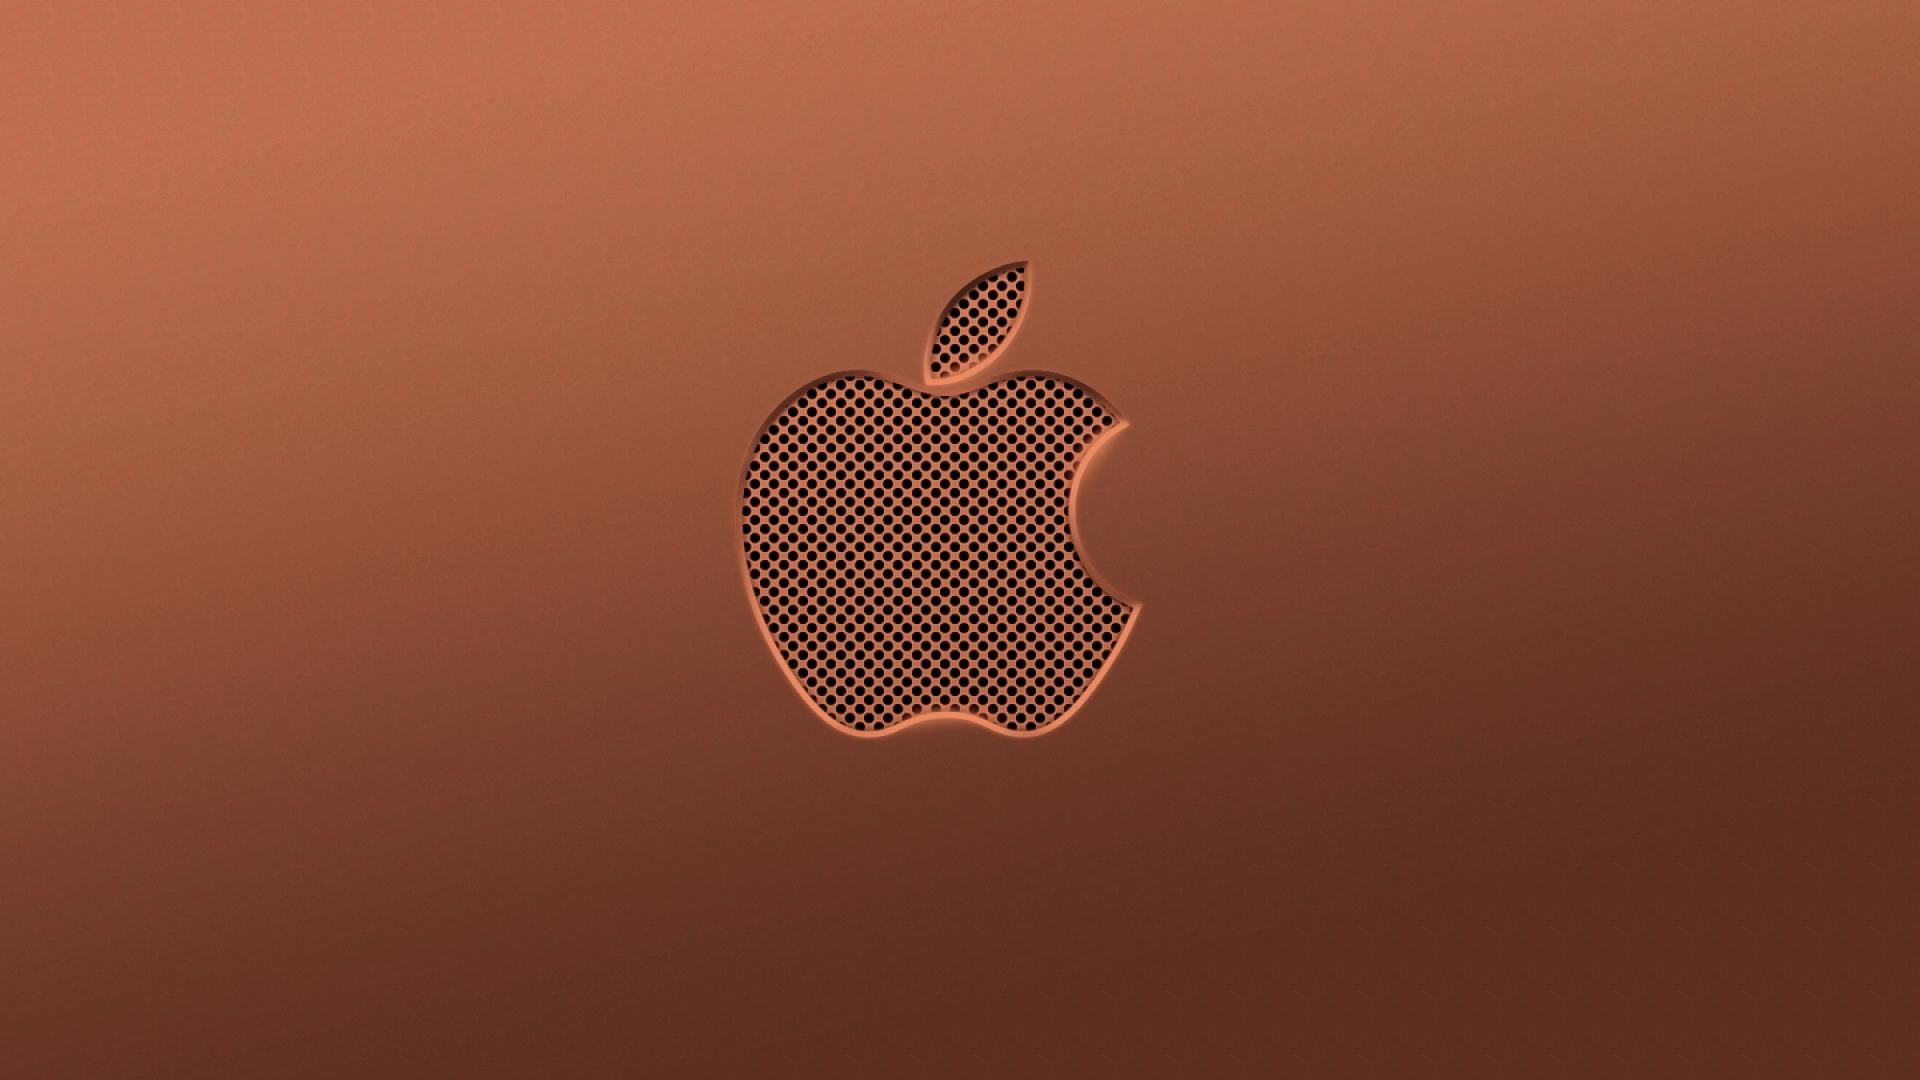 apple wallpaper high resolution   wwwhigh definition wallpapercom 1920x1080